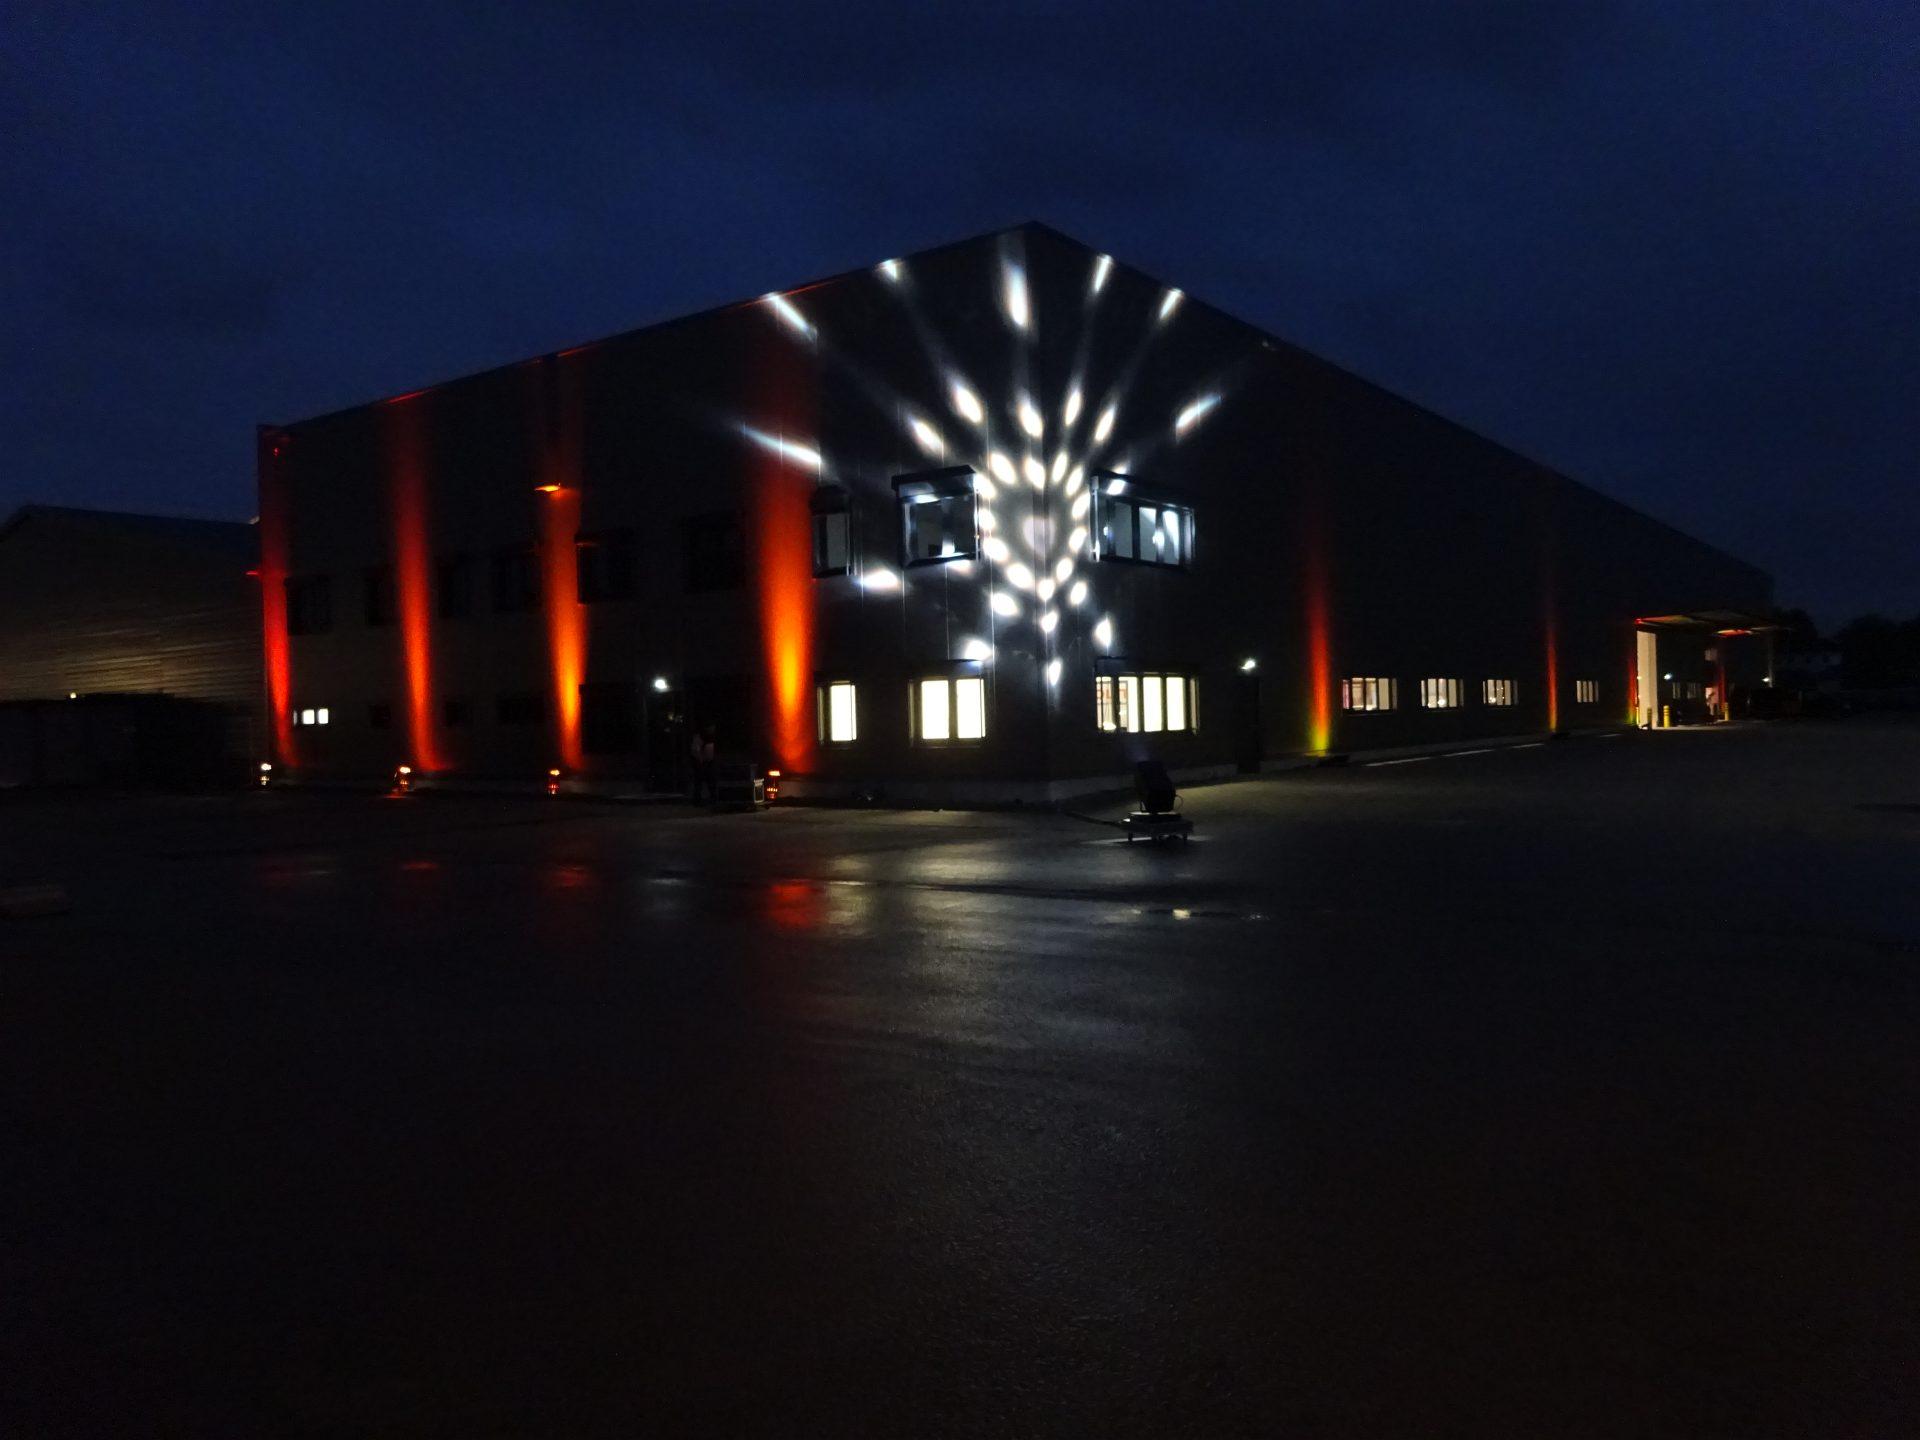 Outdoorbeleuchtung Industriehalle mit Studio Due Spaceflower